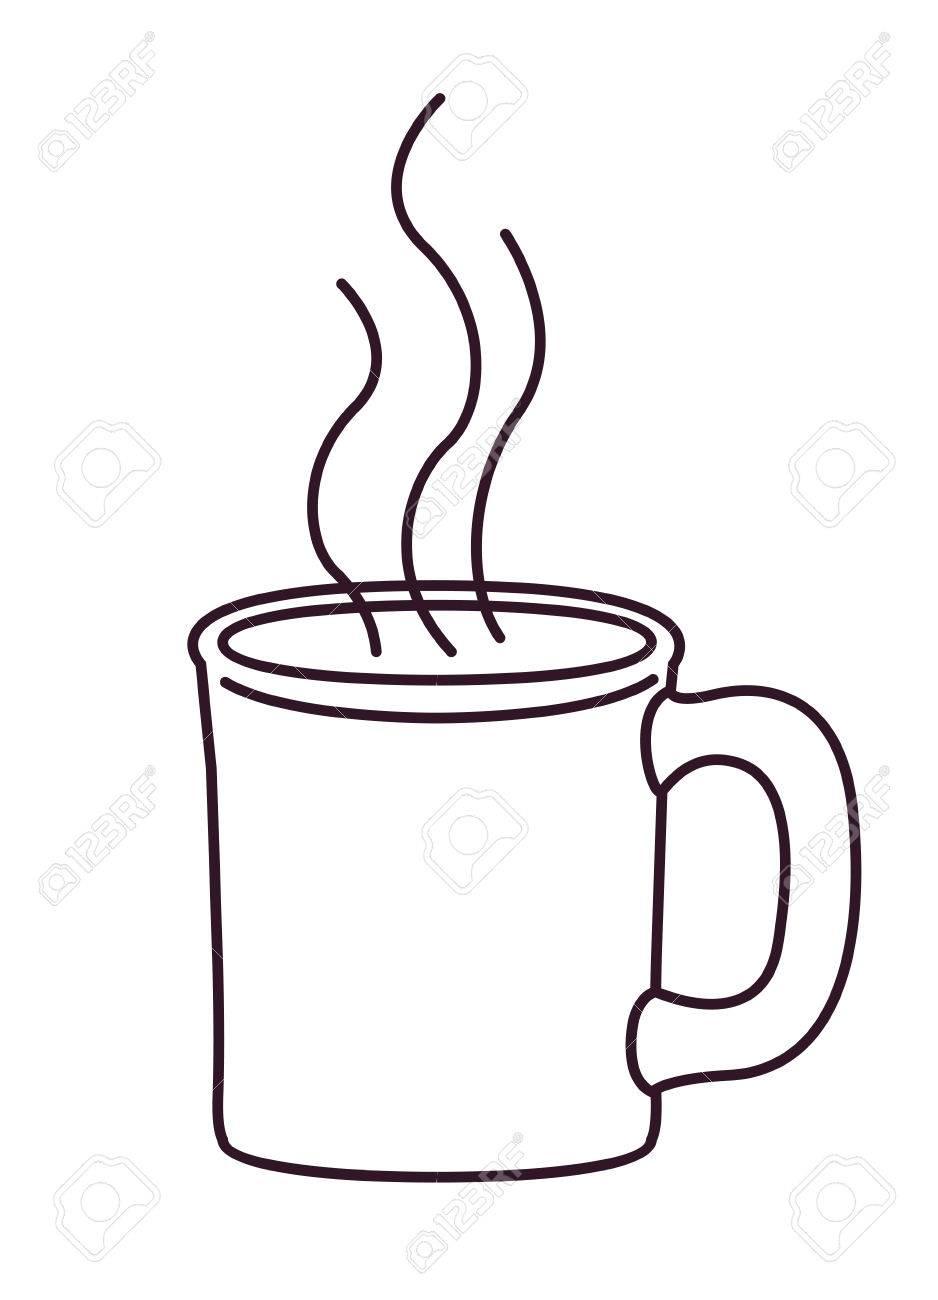 Vettoriale Disegno Della Tazza Di Caffè Caldo E Icona Della